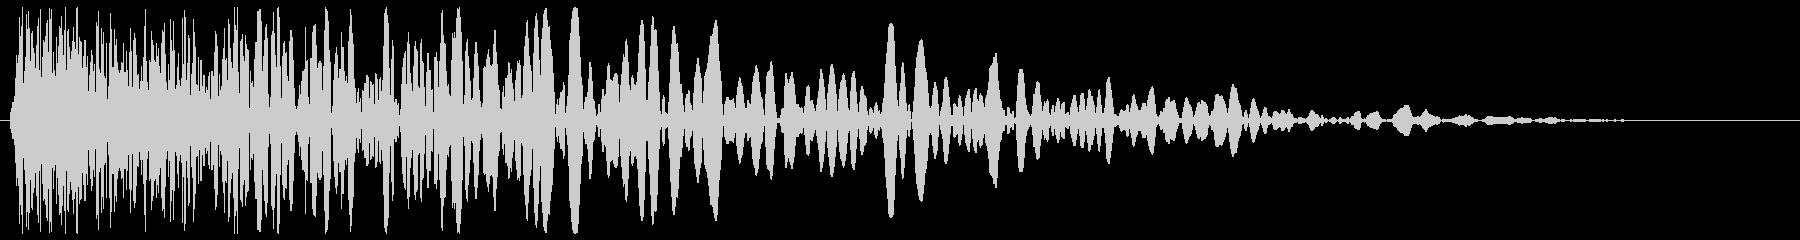 チューン(発射系の音)シンプルの未再生の波形